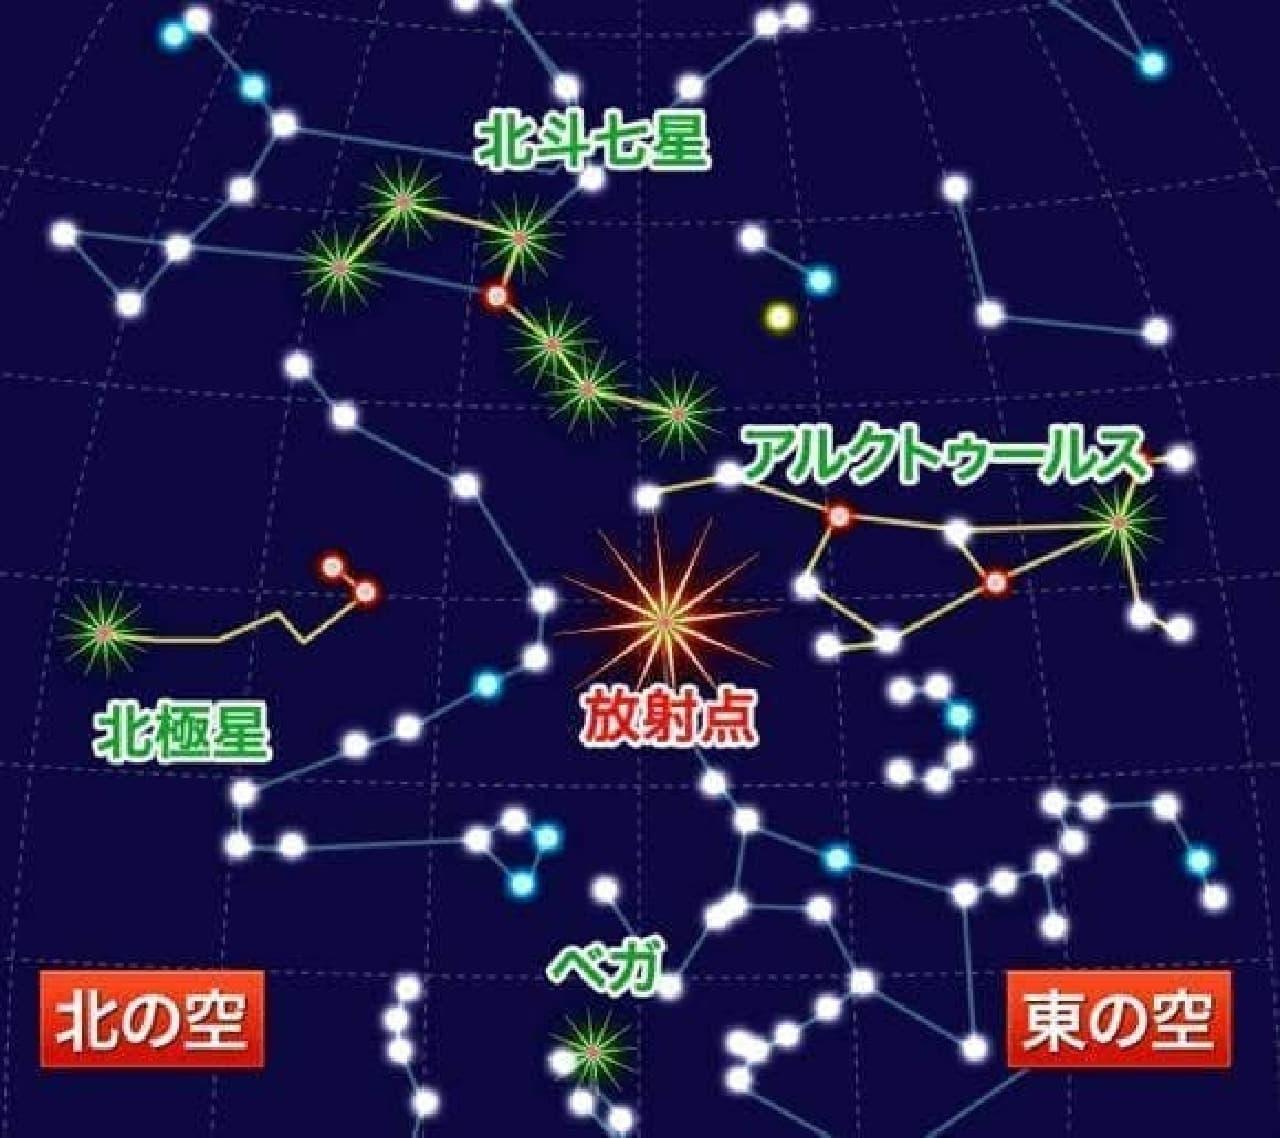 「しぶんぎ座流星群」2018年は見える?… ウェザーニューズが1月3日の全国の天気傾向を発表